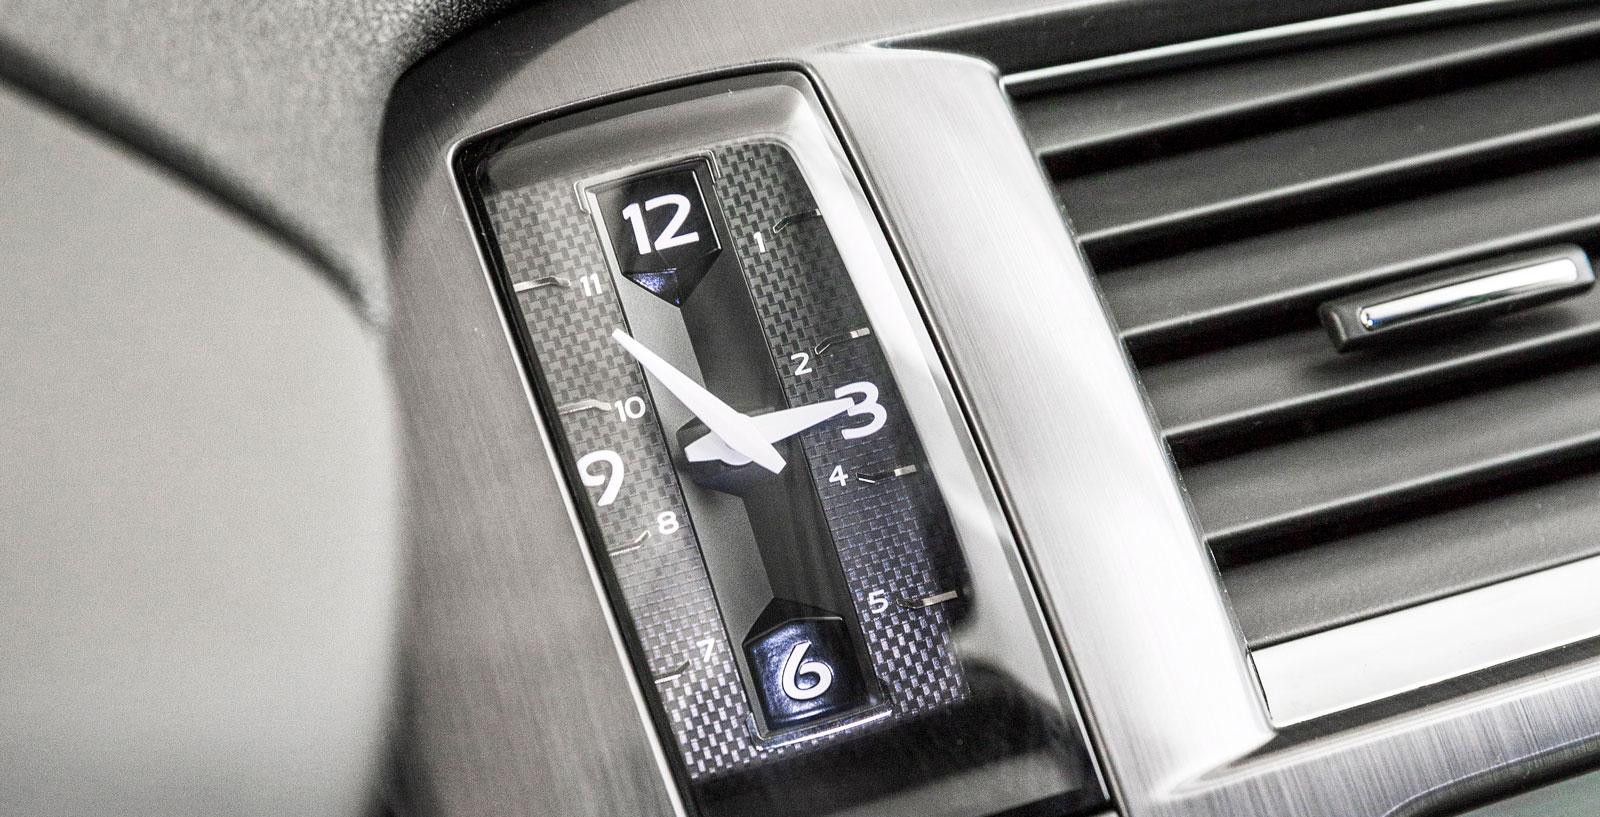 Klockan är både avlång och analog. Under den sitter startknappen – DS 5 har nyckelfritt lås-/startsystem som standard.